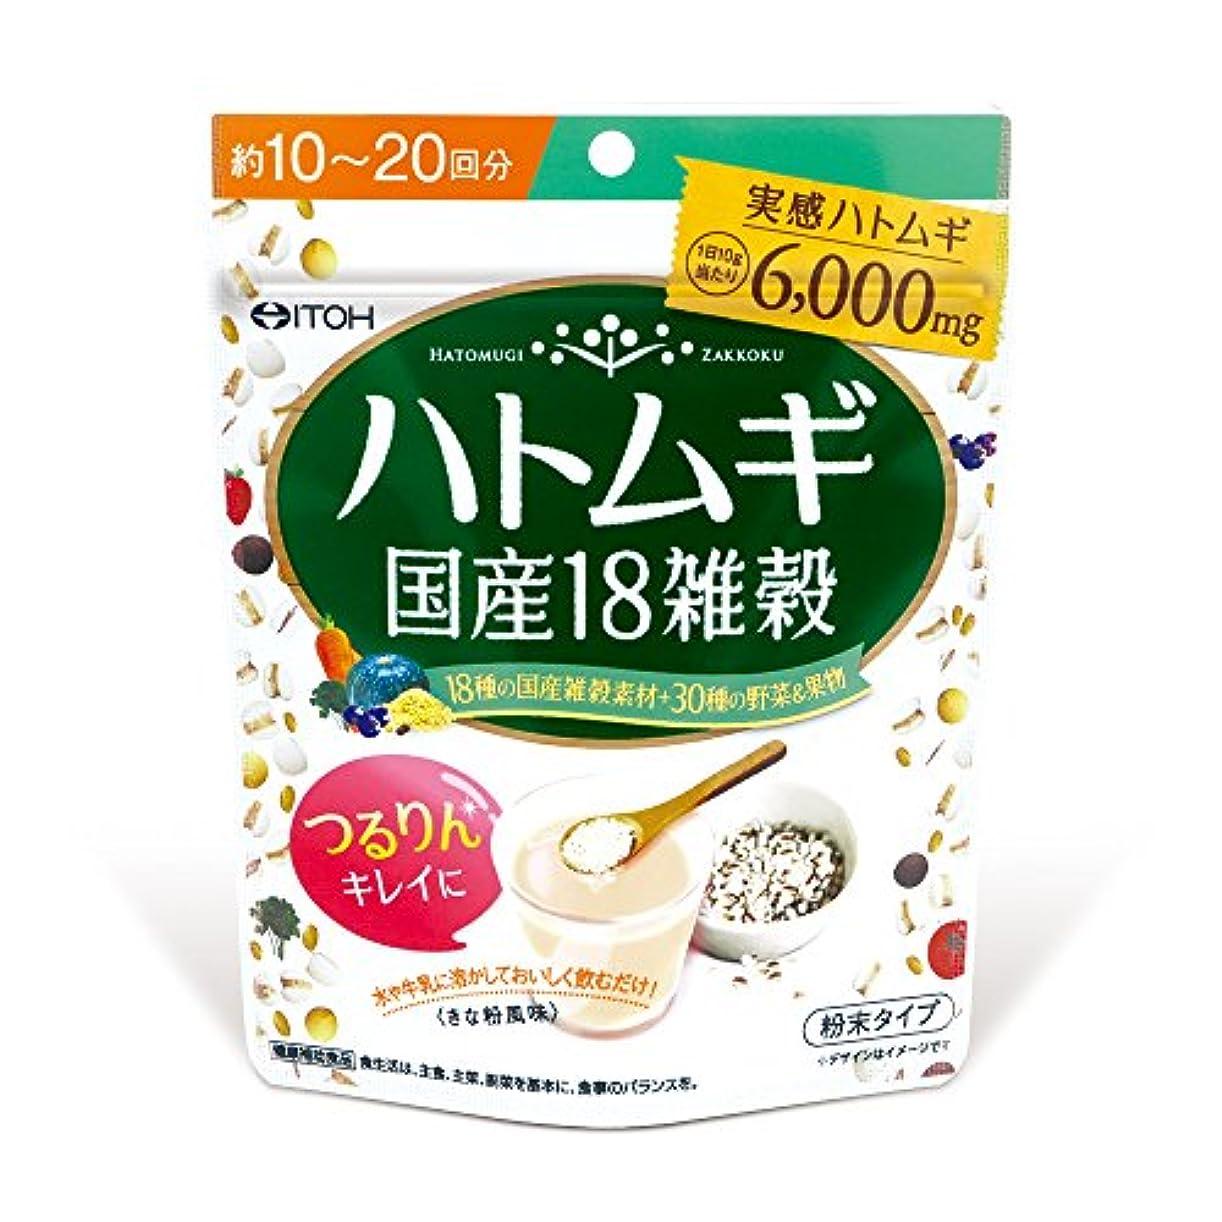 ディレイ賛美歌重要性井藤漢方製薬 ハトムギ国産18雑穀 100g